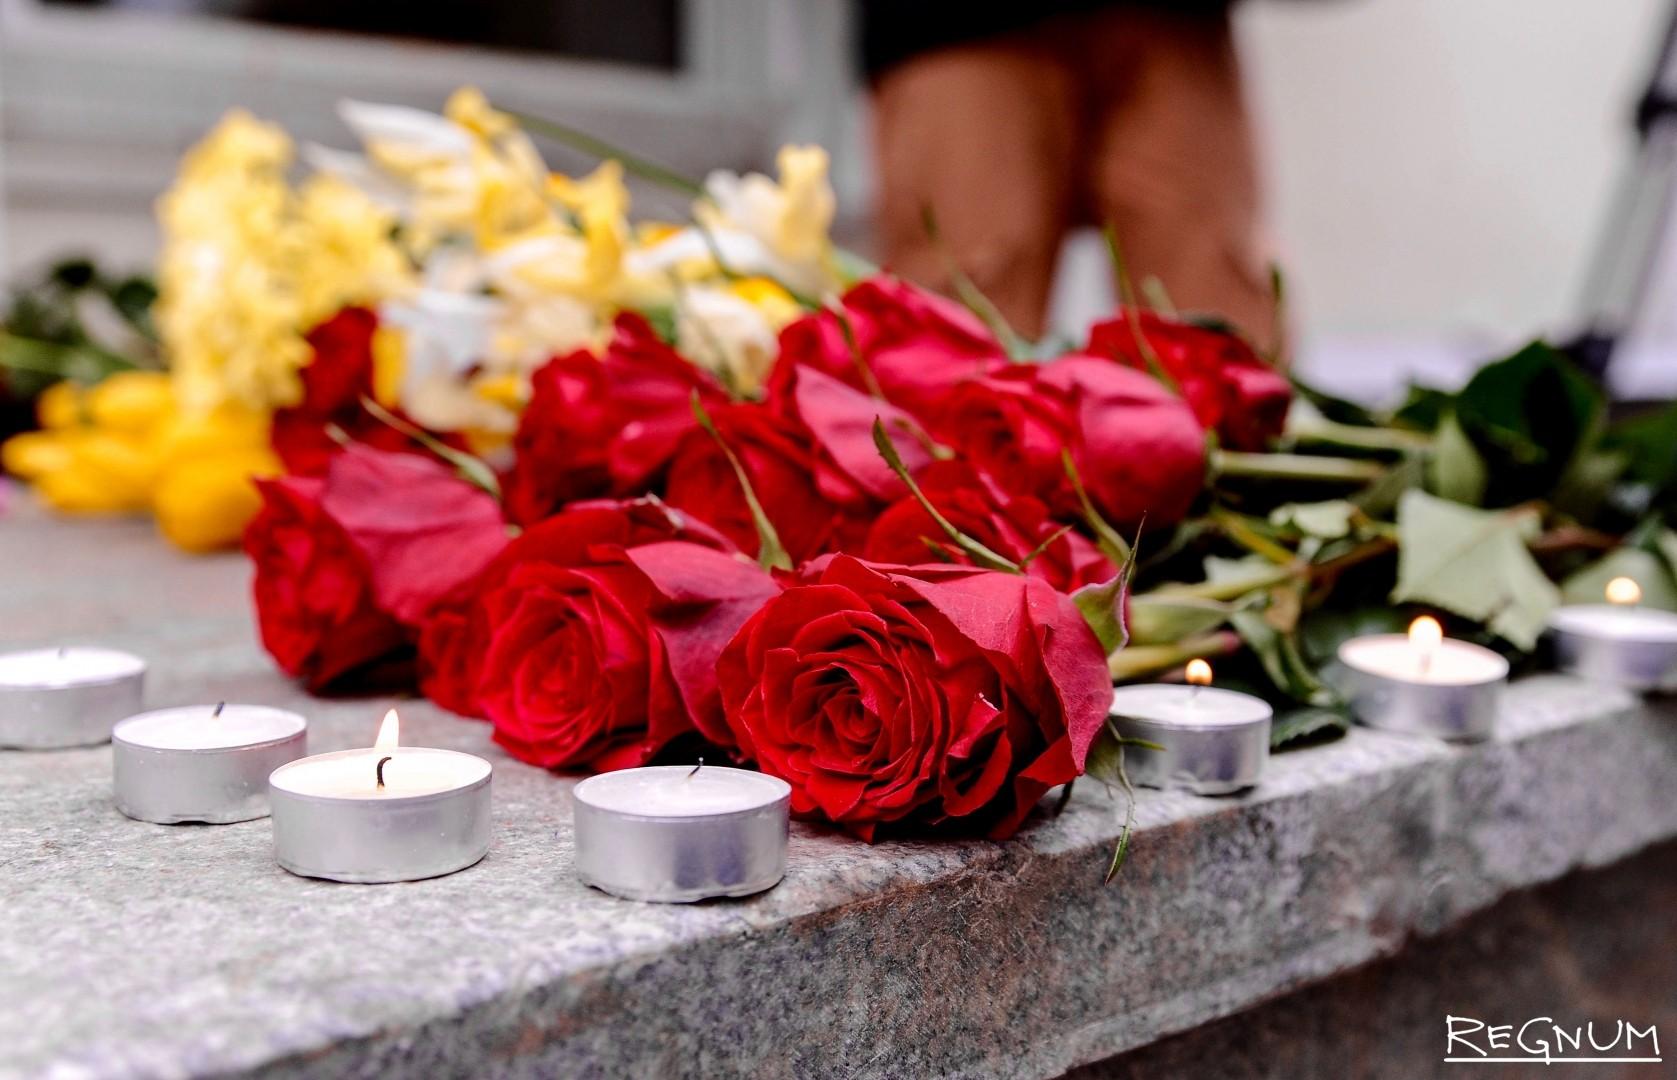 картинки цветы свечи траур образом, можно придать